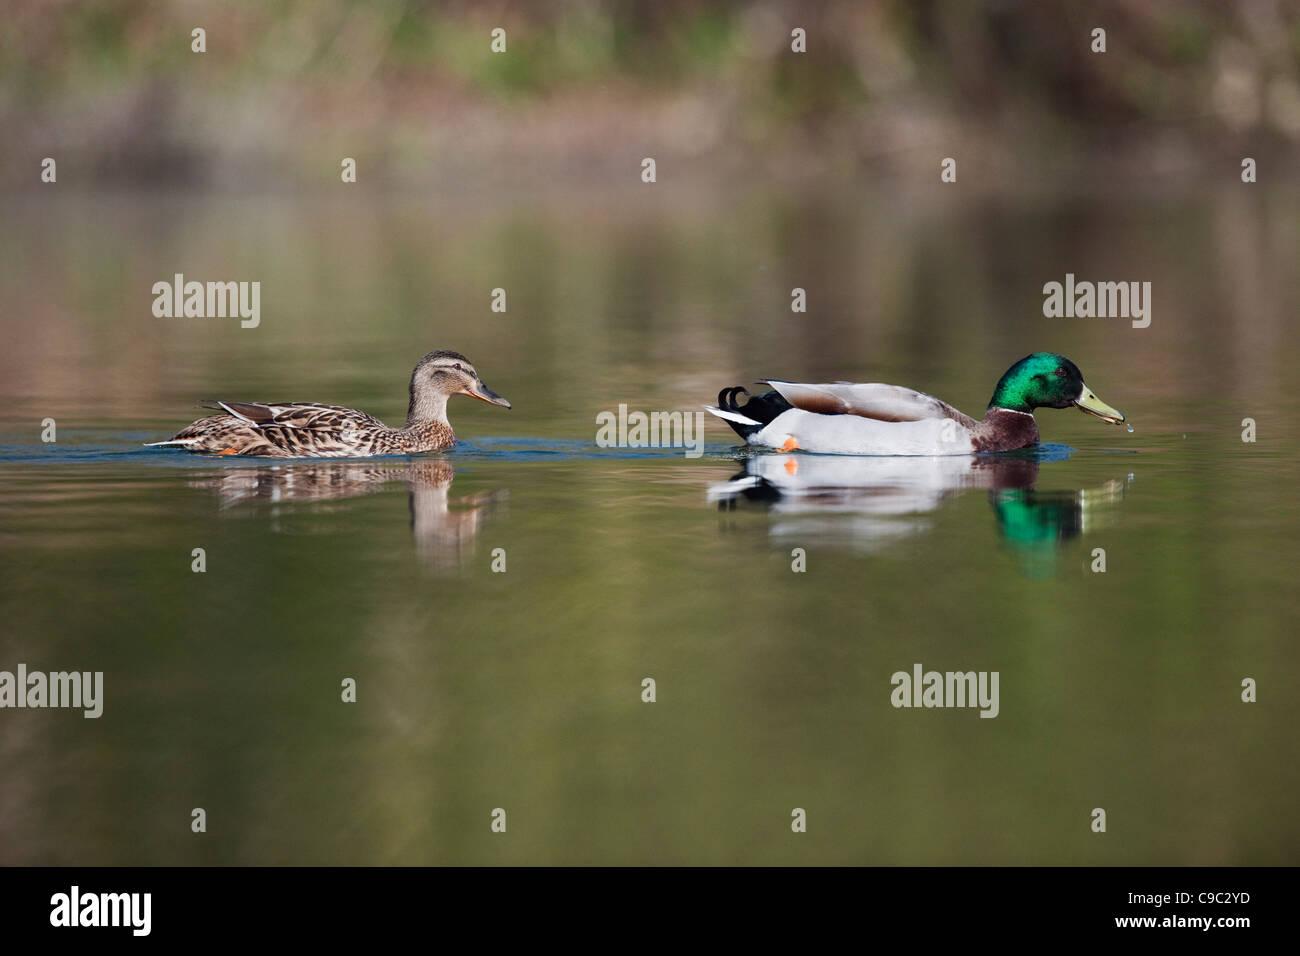 Mallard ducks UK - Stock Image